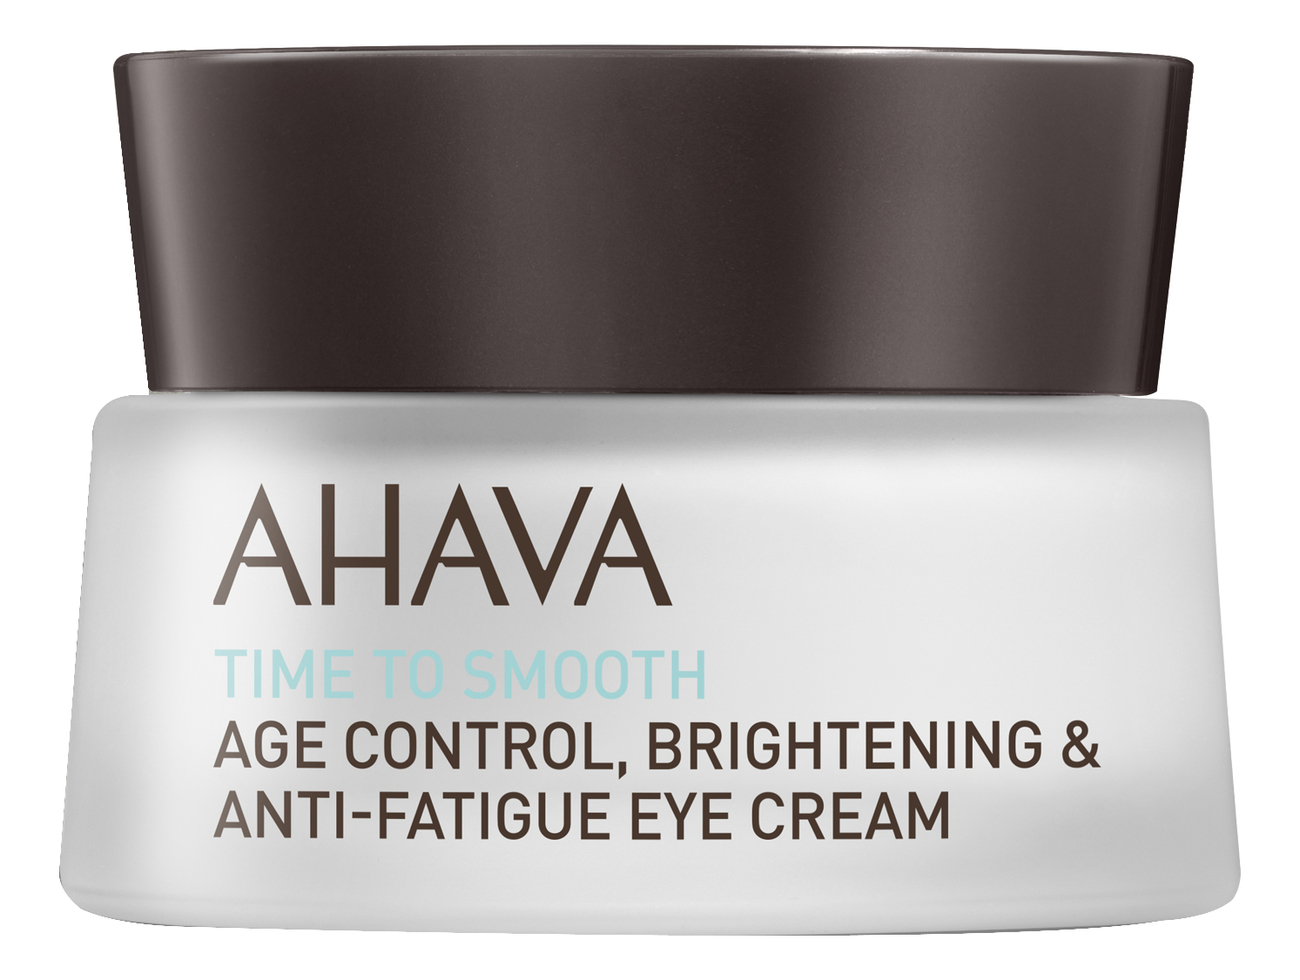 Купить Крем для век Антивозрастной Time To Smooth Age Control Brightening & Anti-Fatigue Eye Cream 15мл, Крем для век Антивозрастной Time To Smooth Age Control Brightening & Anti-Fatigue Eye Cream 15мл, AHAVA